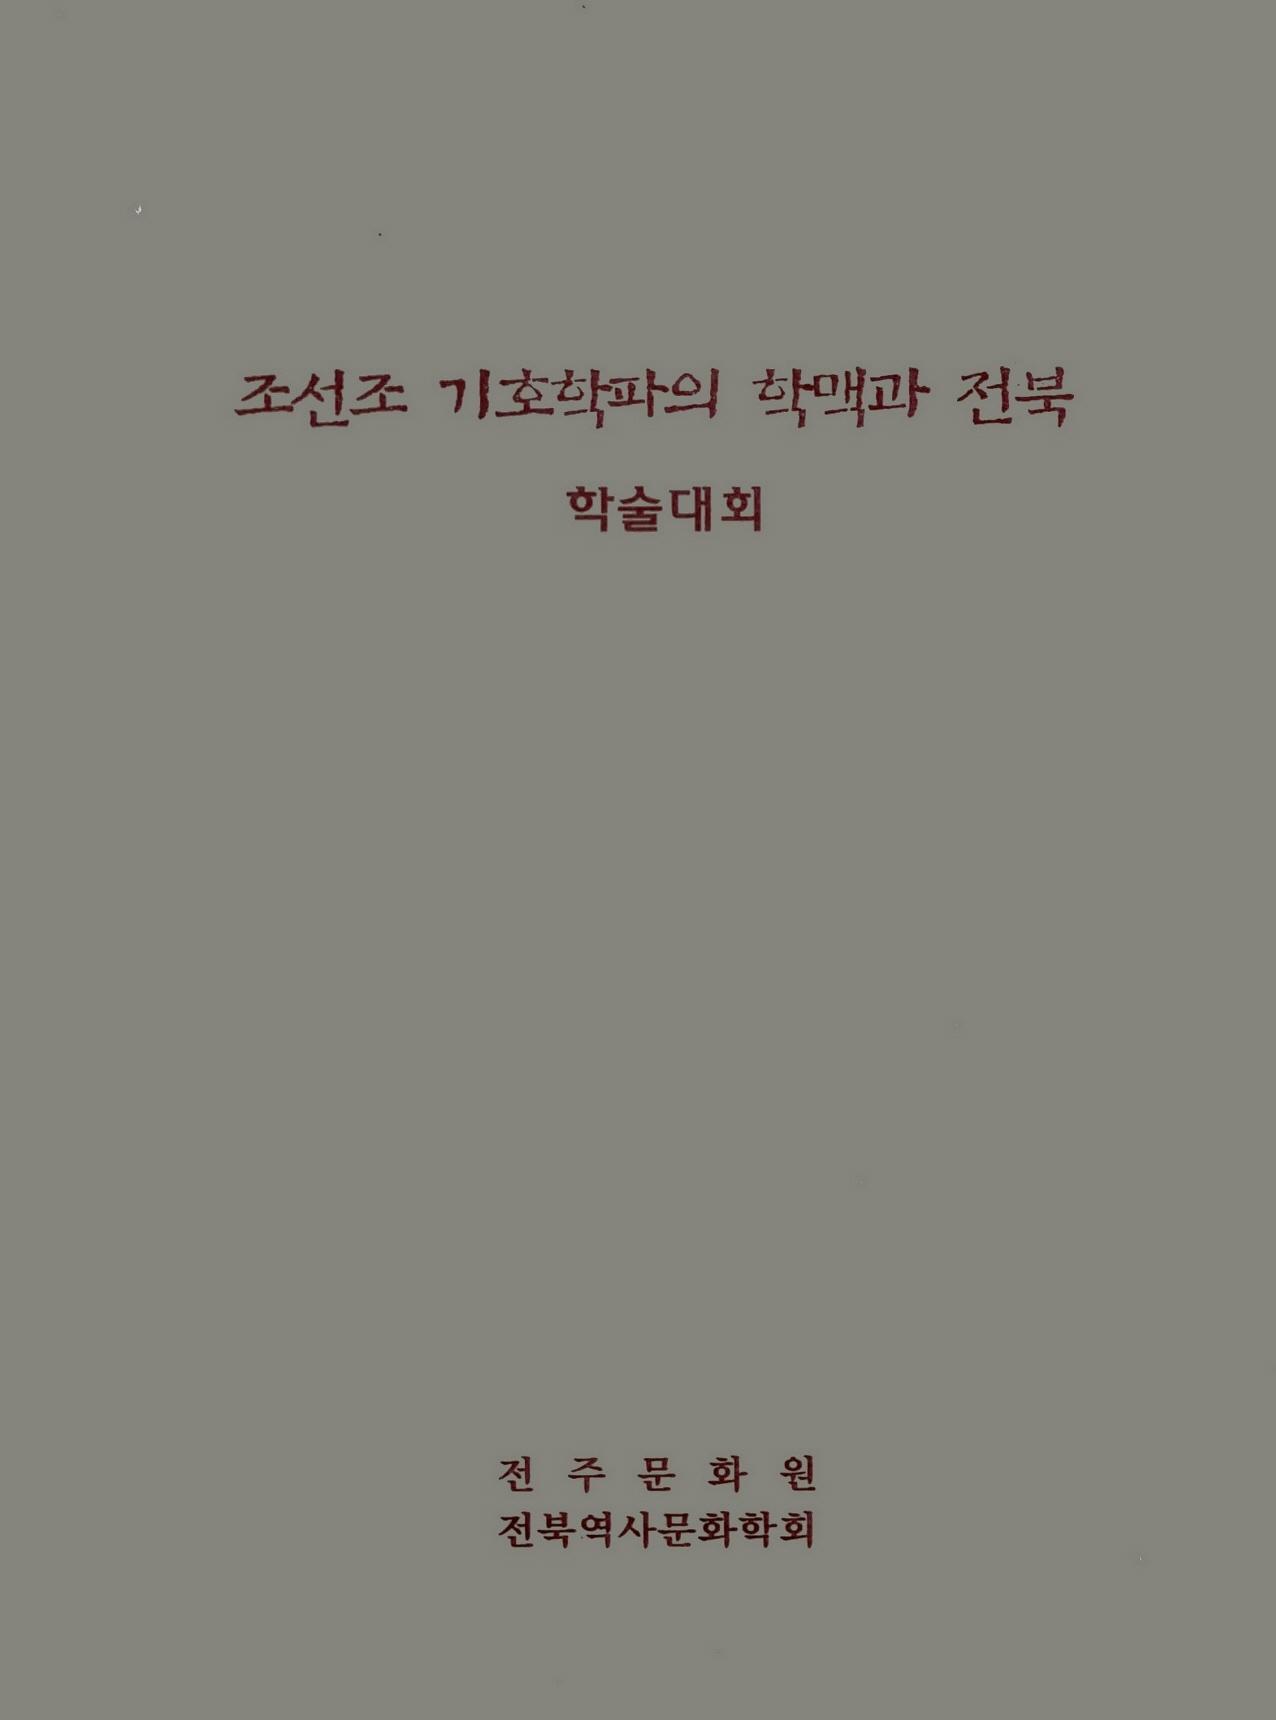 조선조 기호학파의 학맥과 전북 학술대회